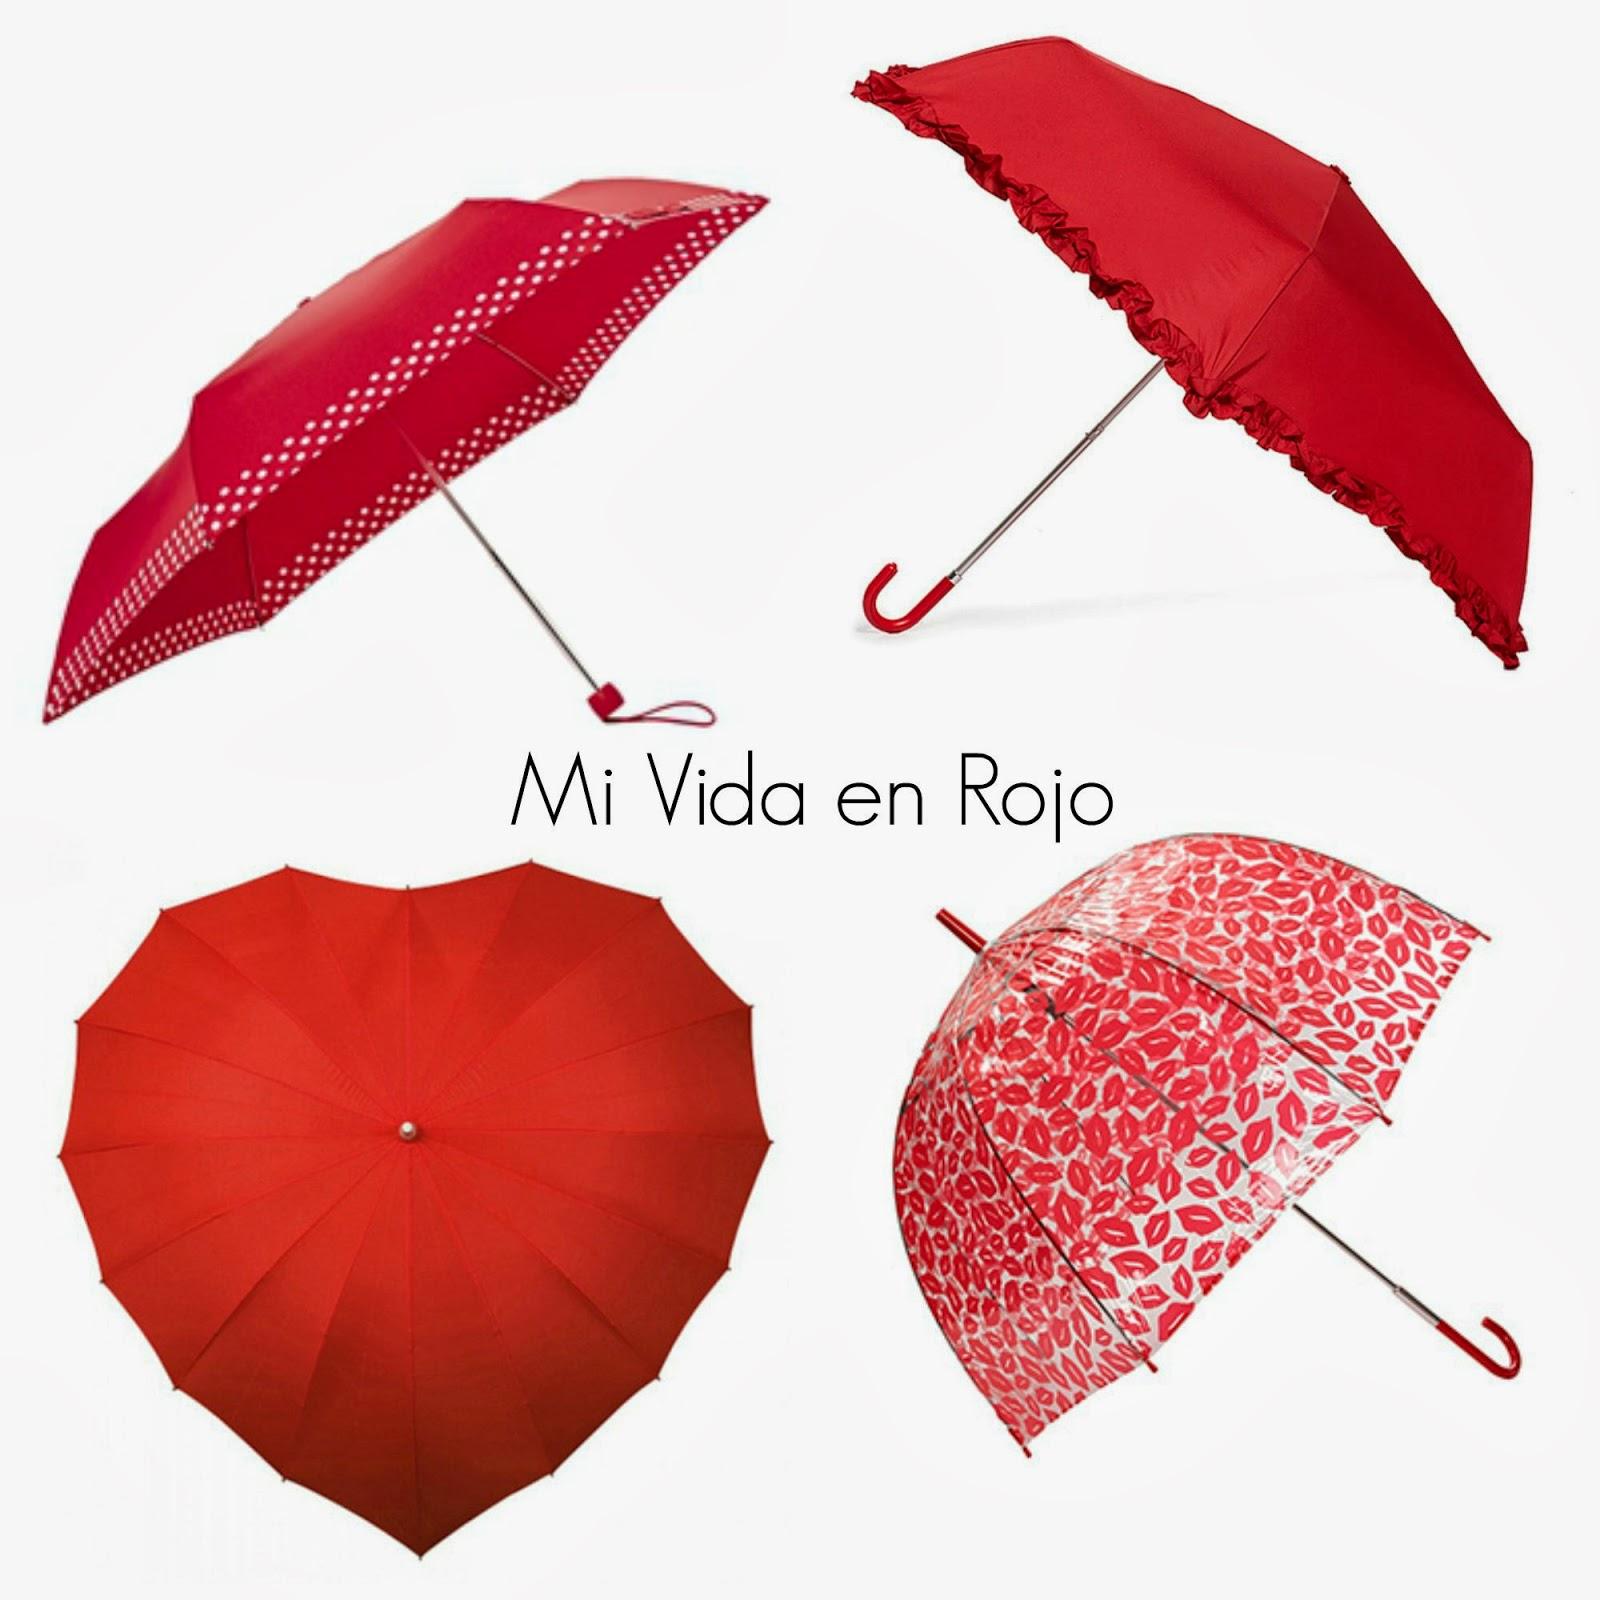 seleccione para el último nueva precios más bajos nuevo diseño Paraguas, ¡en ROJO! - Mi Vida en Rojo